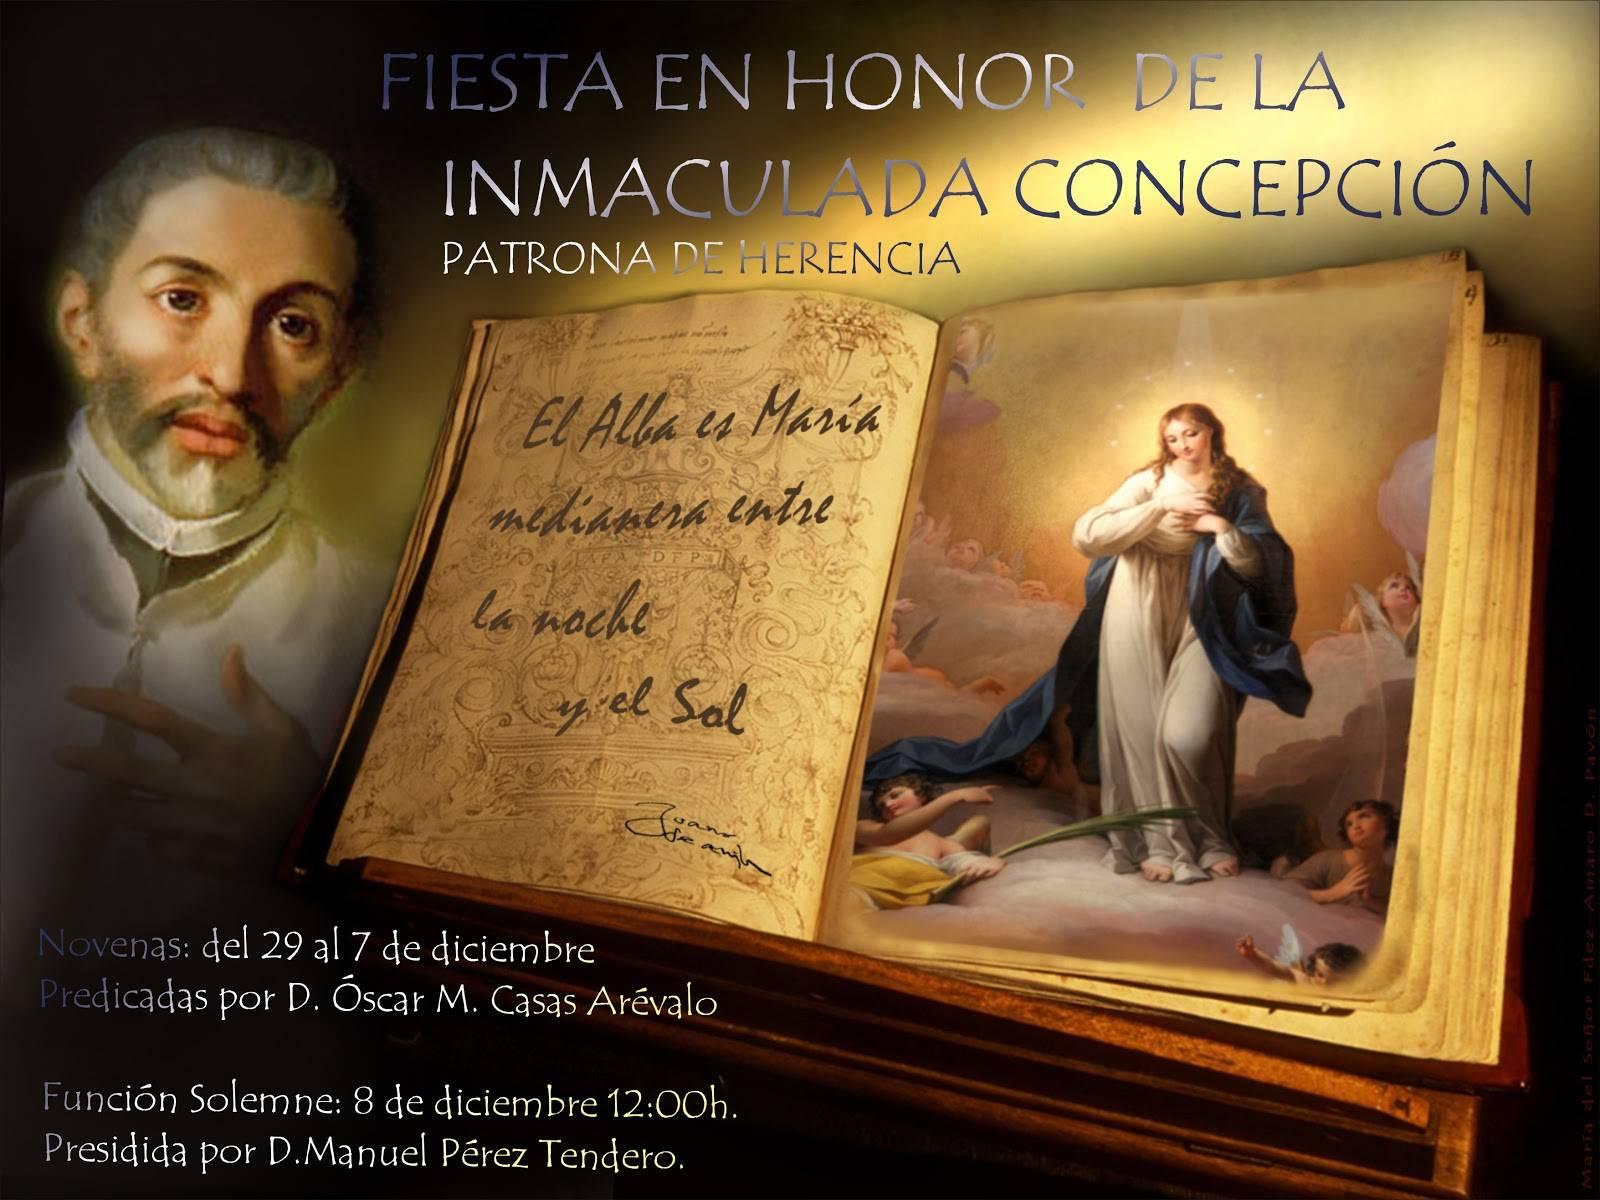 Imaculada Concepción Patrona de Herencia